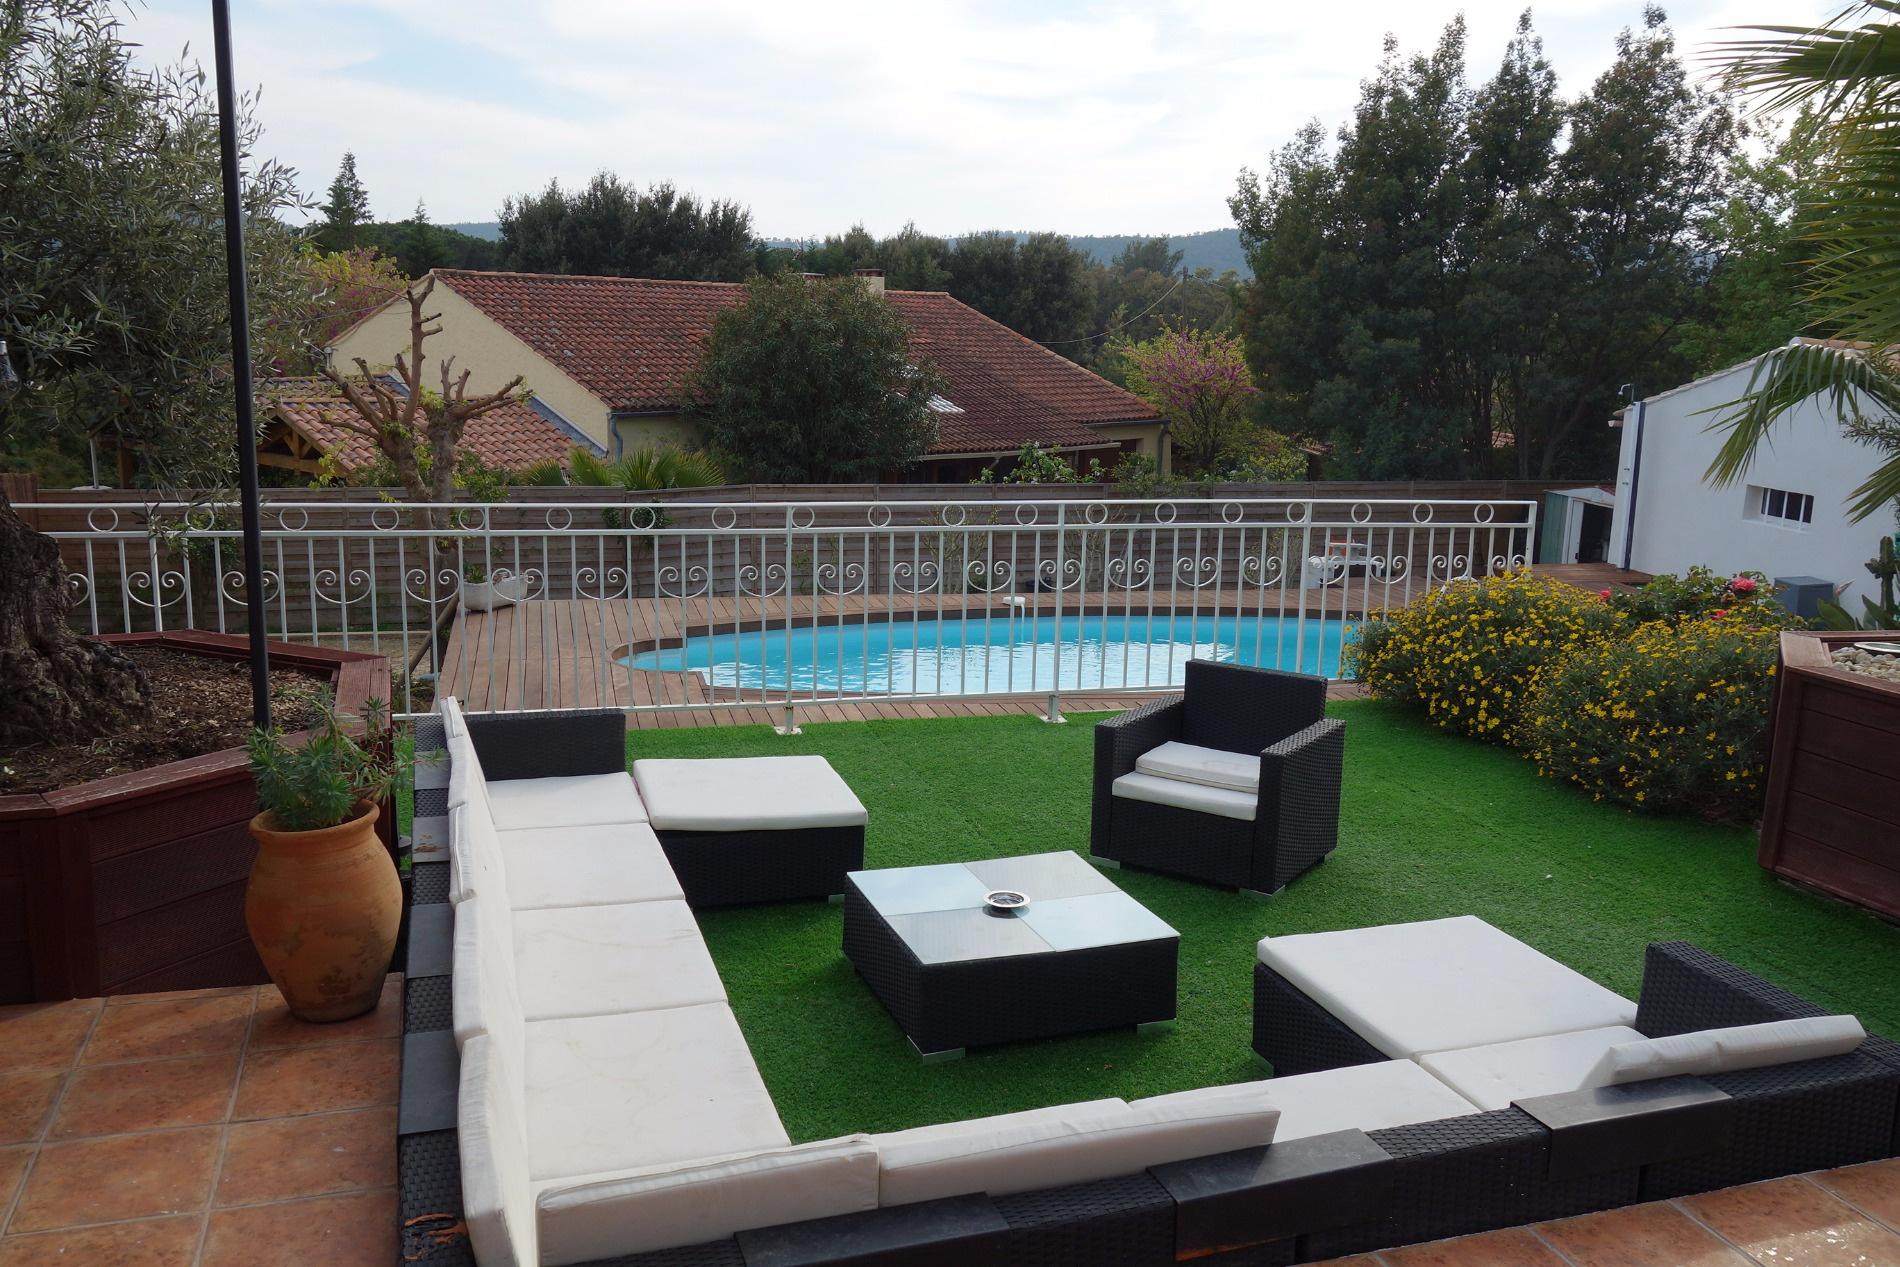 Offres locations vacances maison 4 pieces de 85 m avec for Piscine 85